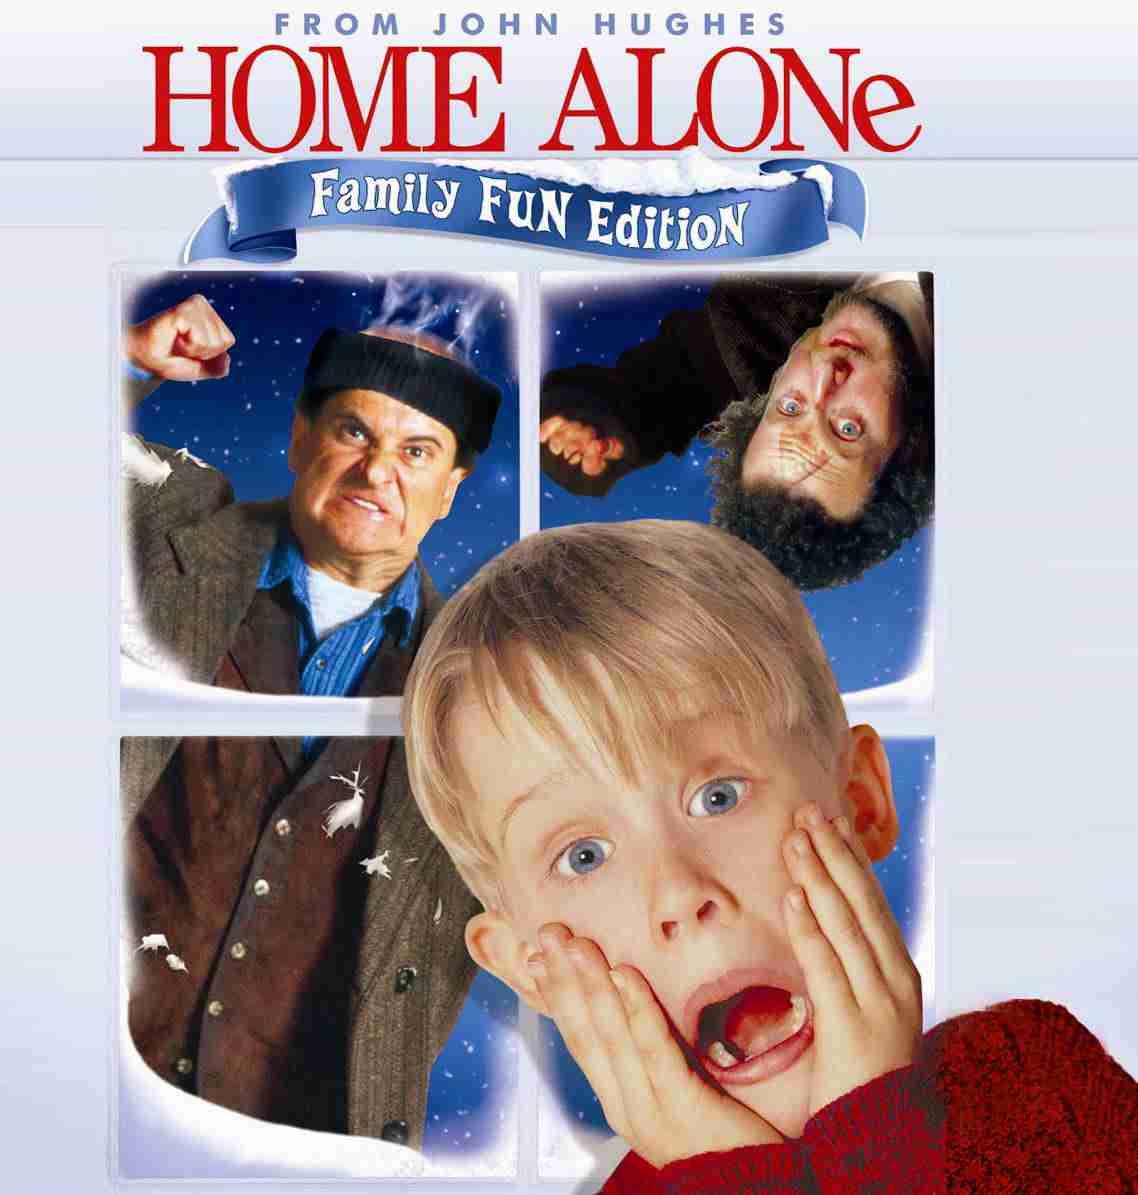 15. Home Alone (1990)